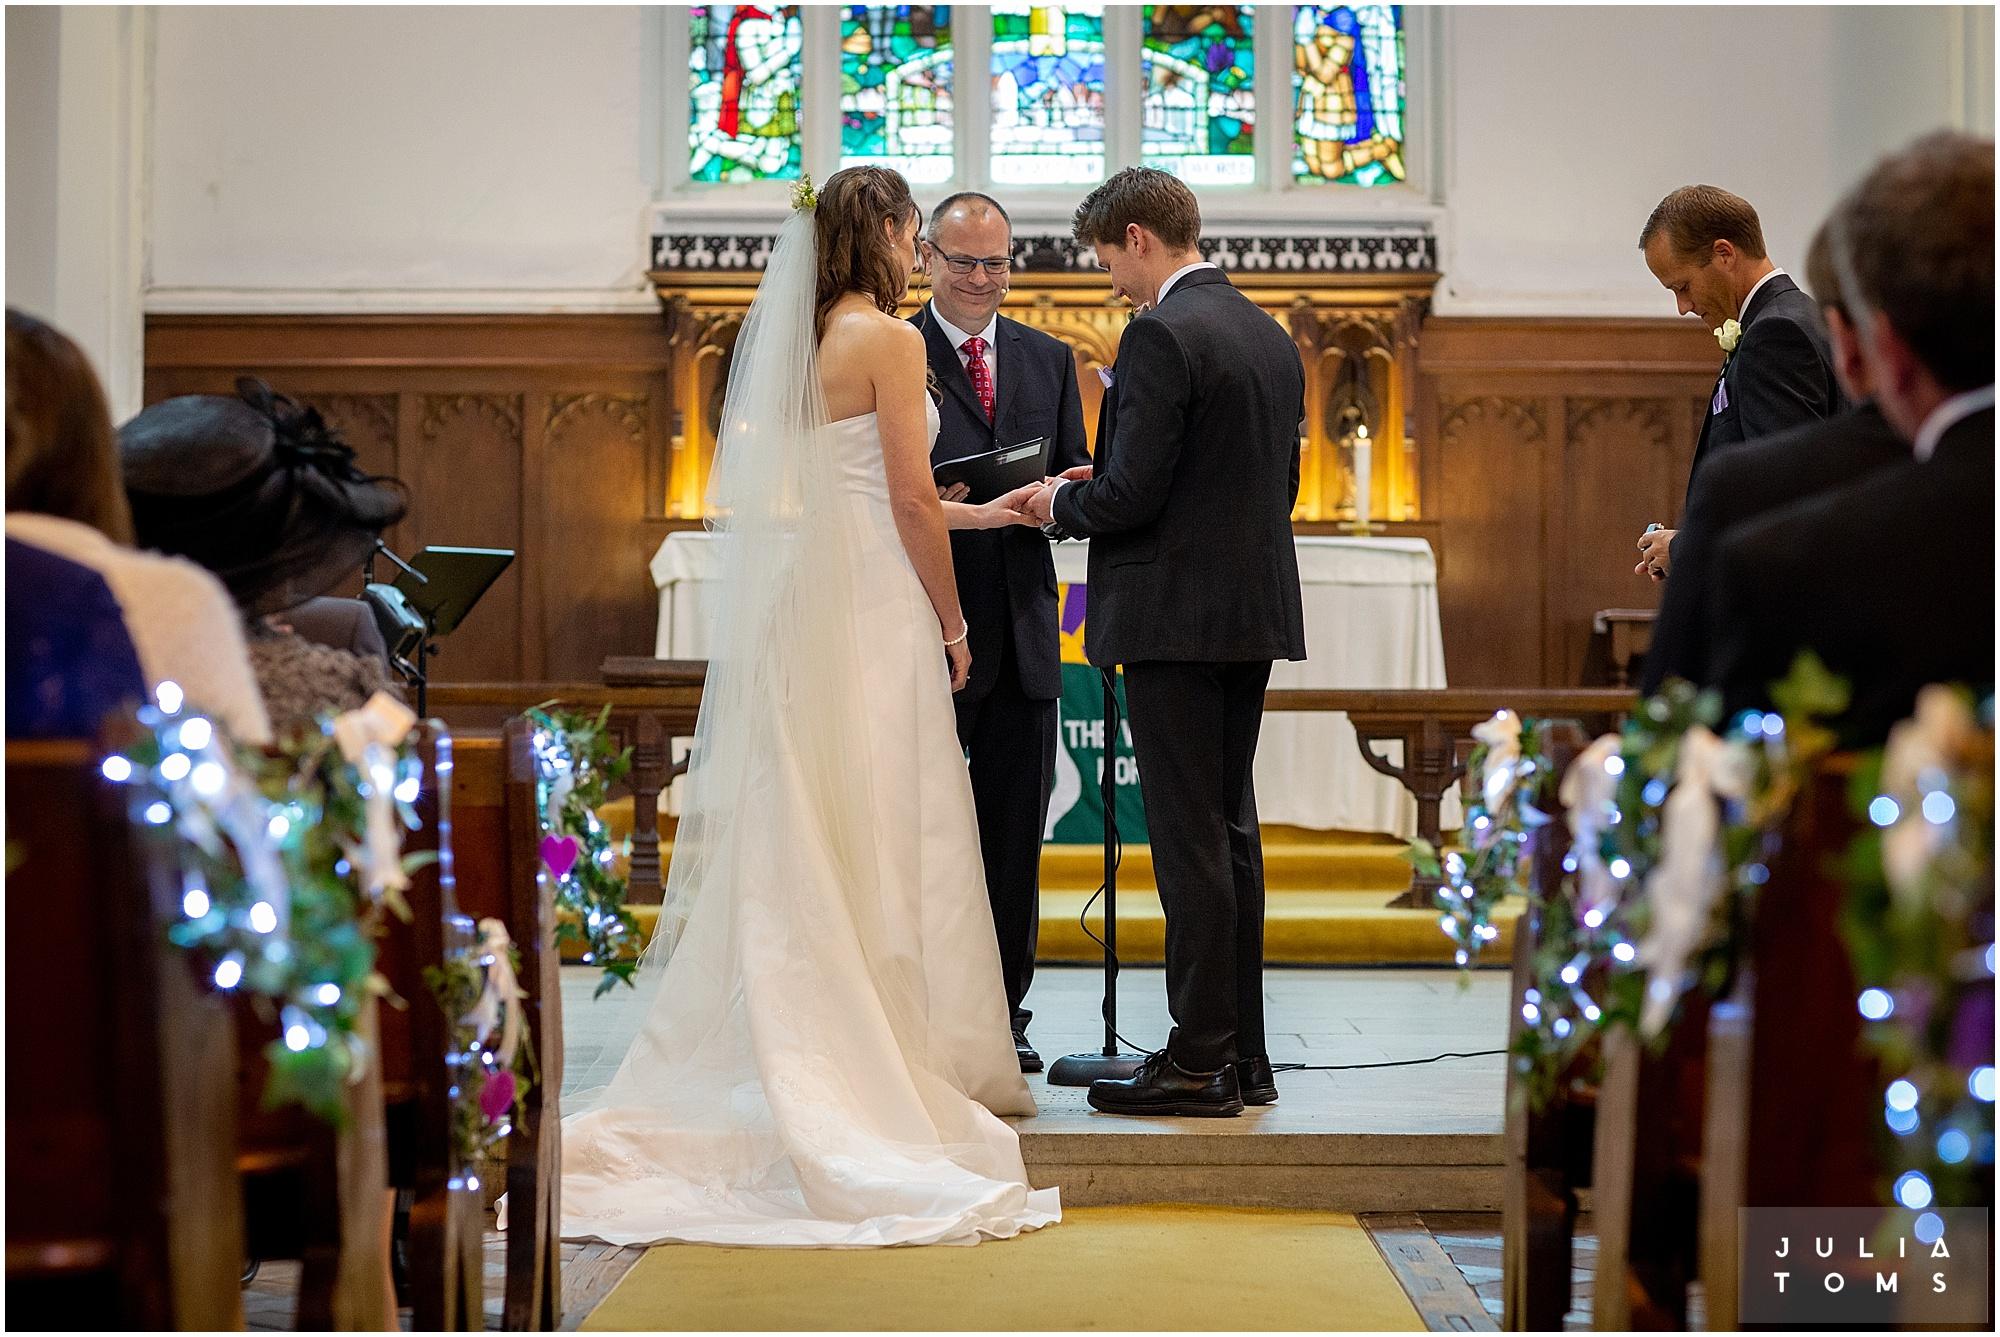 juliatoms_christian_wedding_photogtapher_midhurst_005.jpg